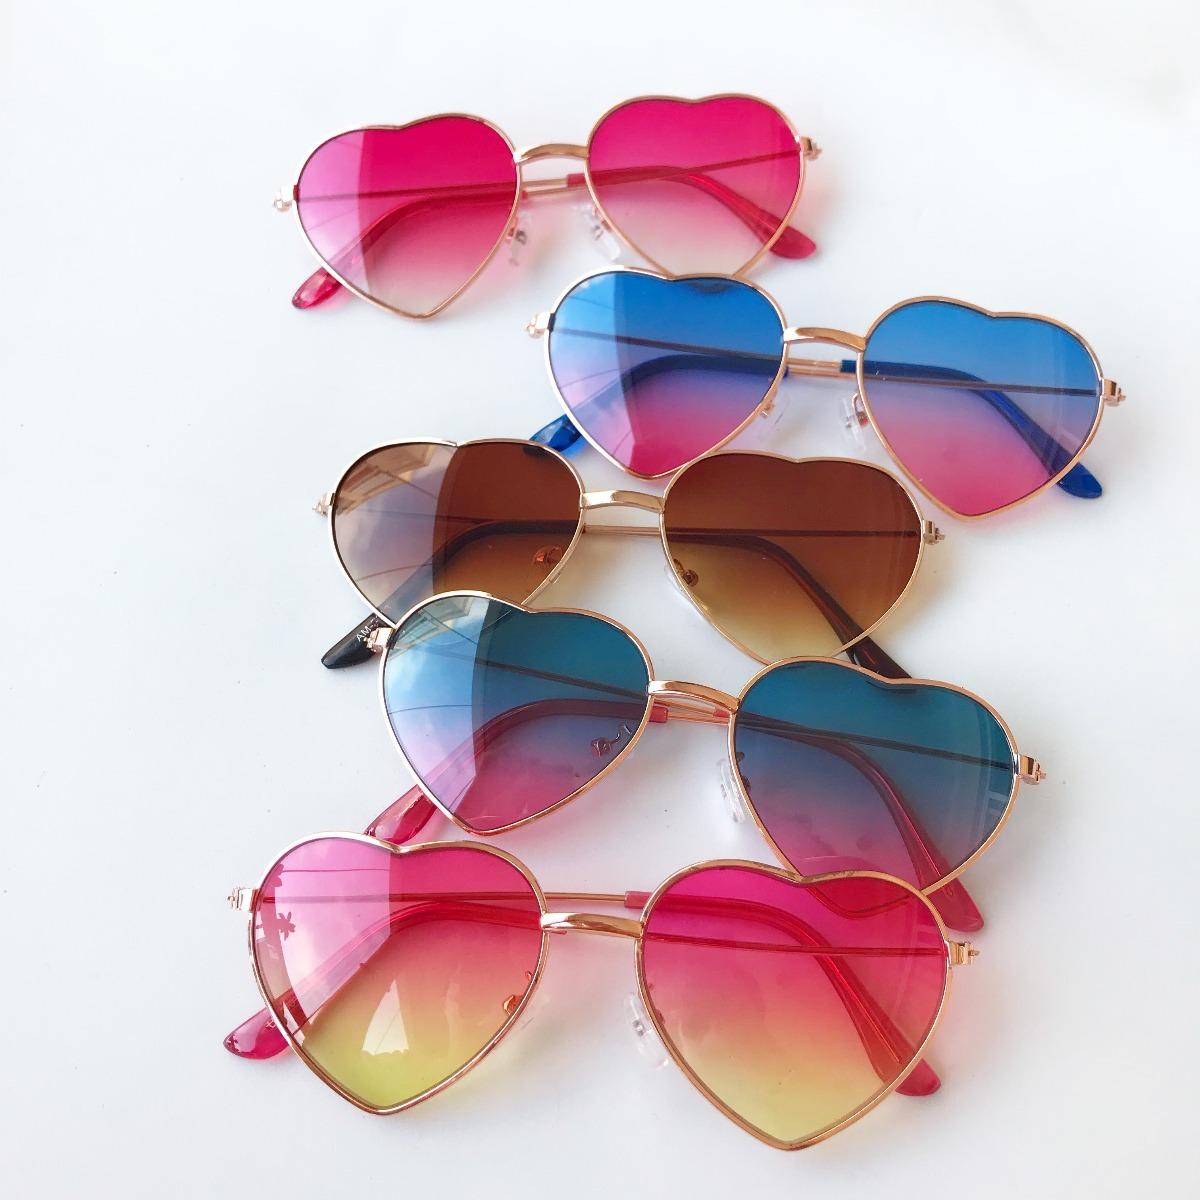 02757e29478c8 Óculos De Sol Infantil Coração Formato Com Proteção Uv 400 - R  29 ...